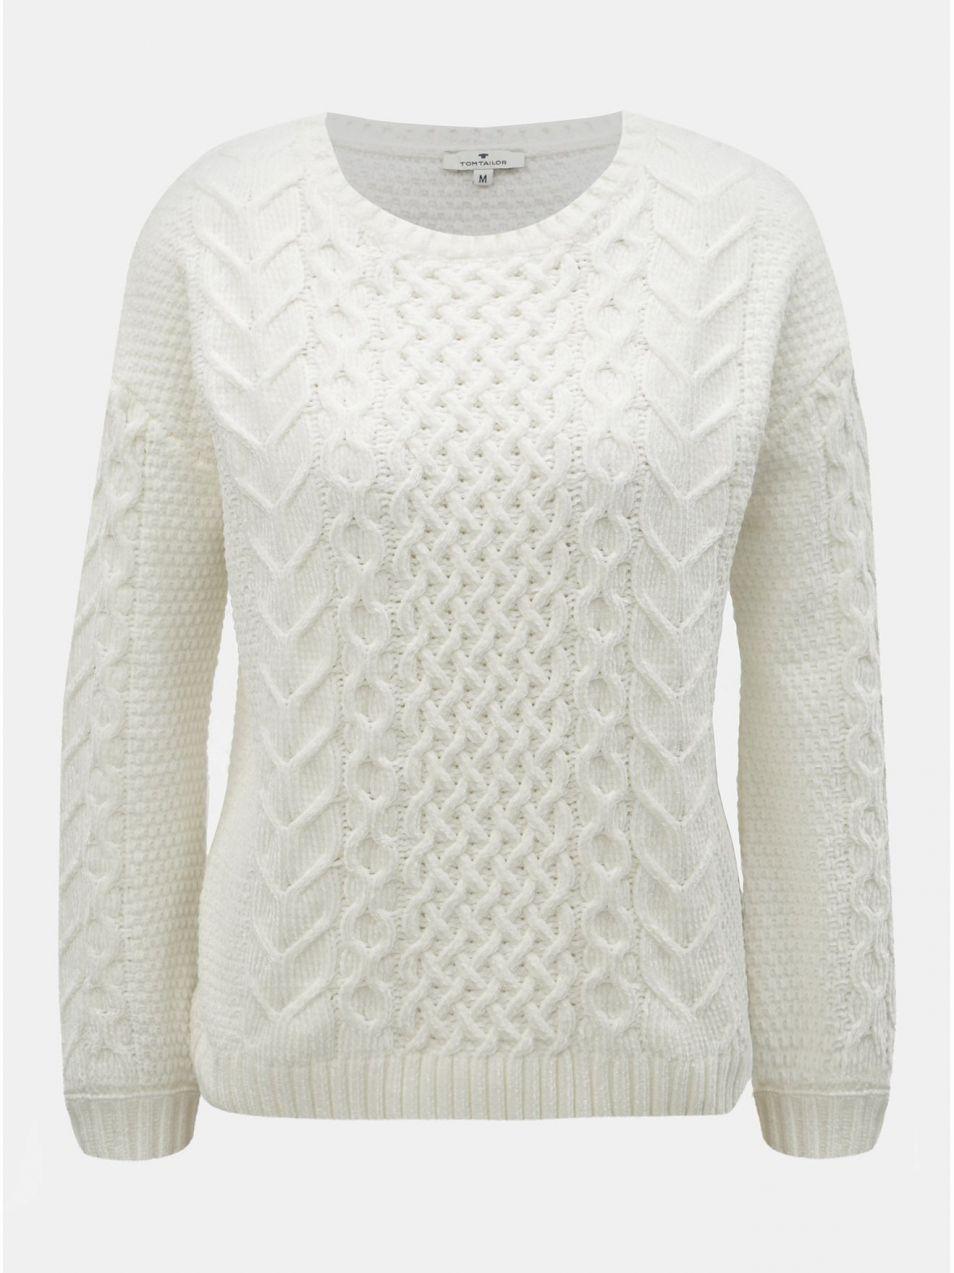 31d499dff590 Biely dámsky sveter Tom Tailor značky Tom Tailor - Lovely.sk